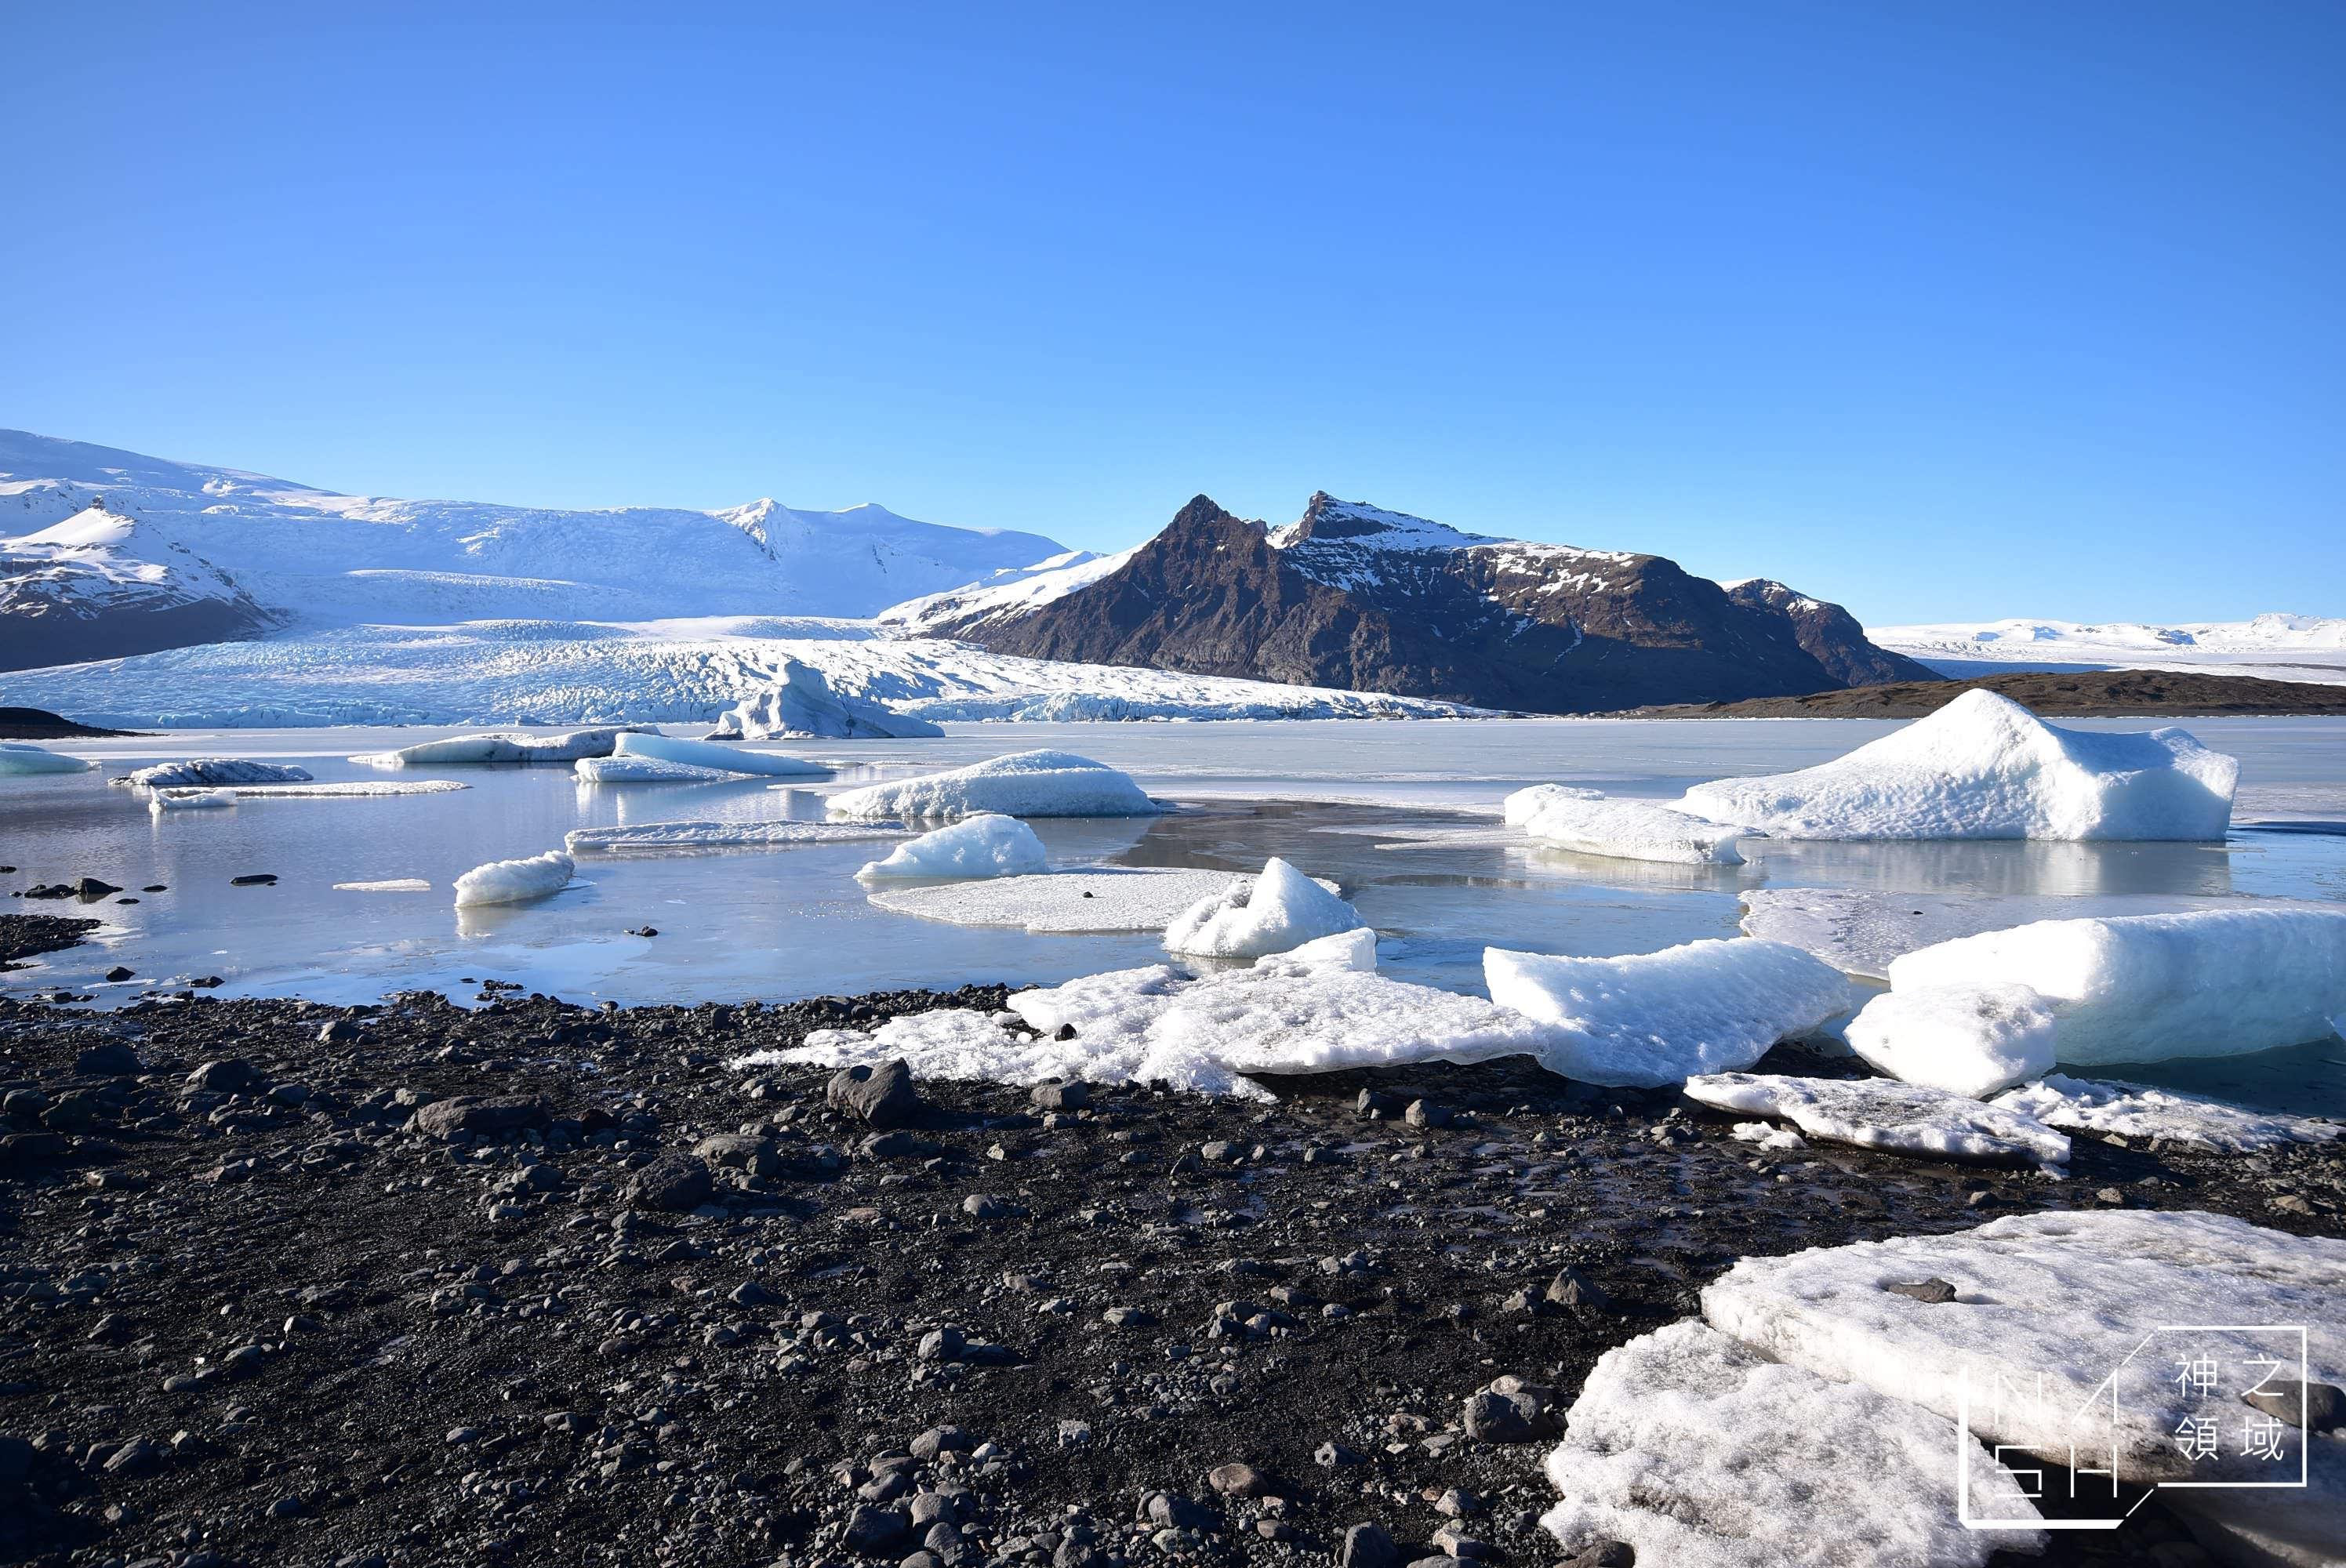 傑古沙龍冰河湖,Jokulsarlon,Fjallsarlon,冰島冰河湖推薦,冰島冰河湖 @Nash,神之領域